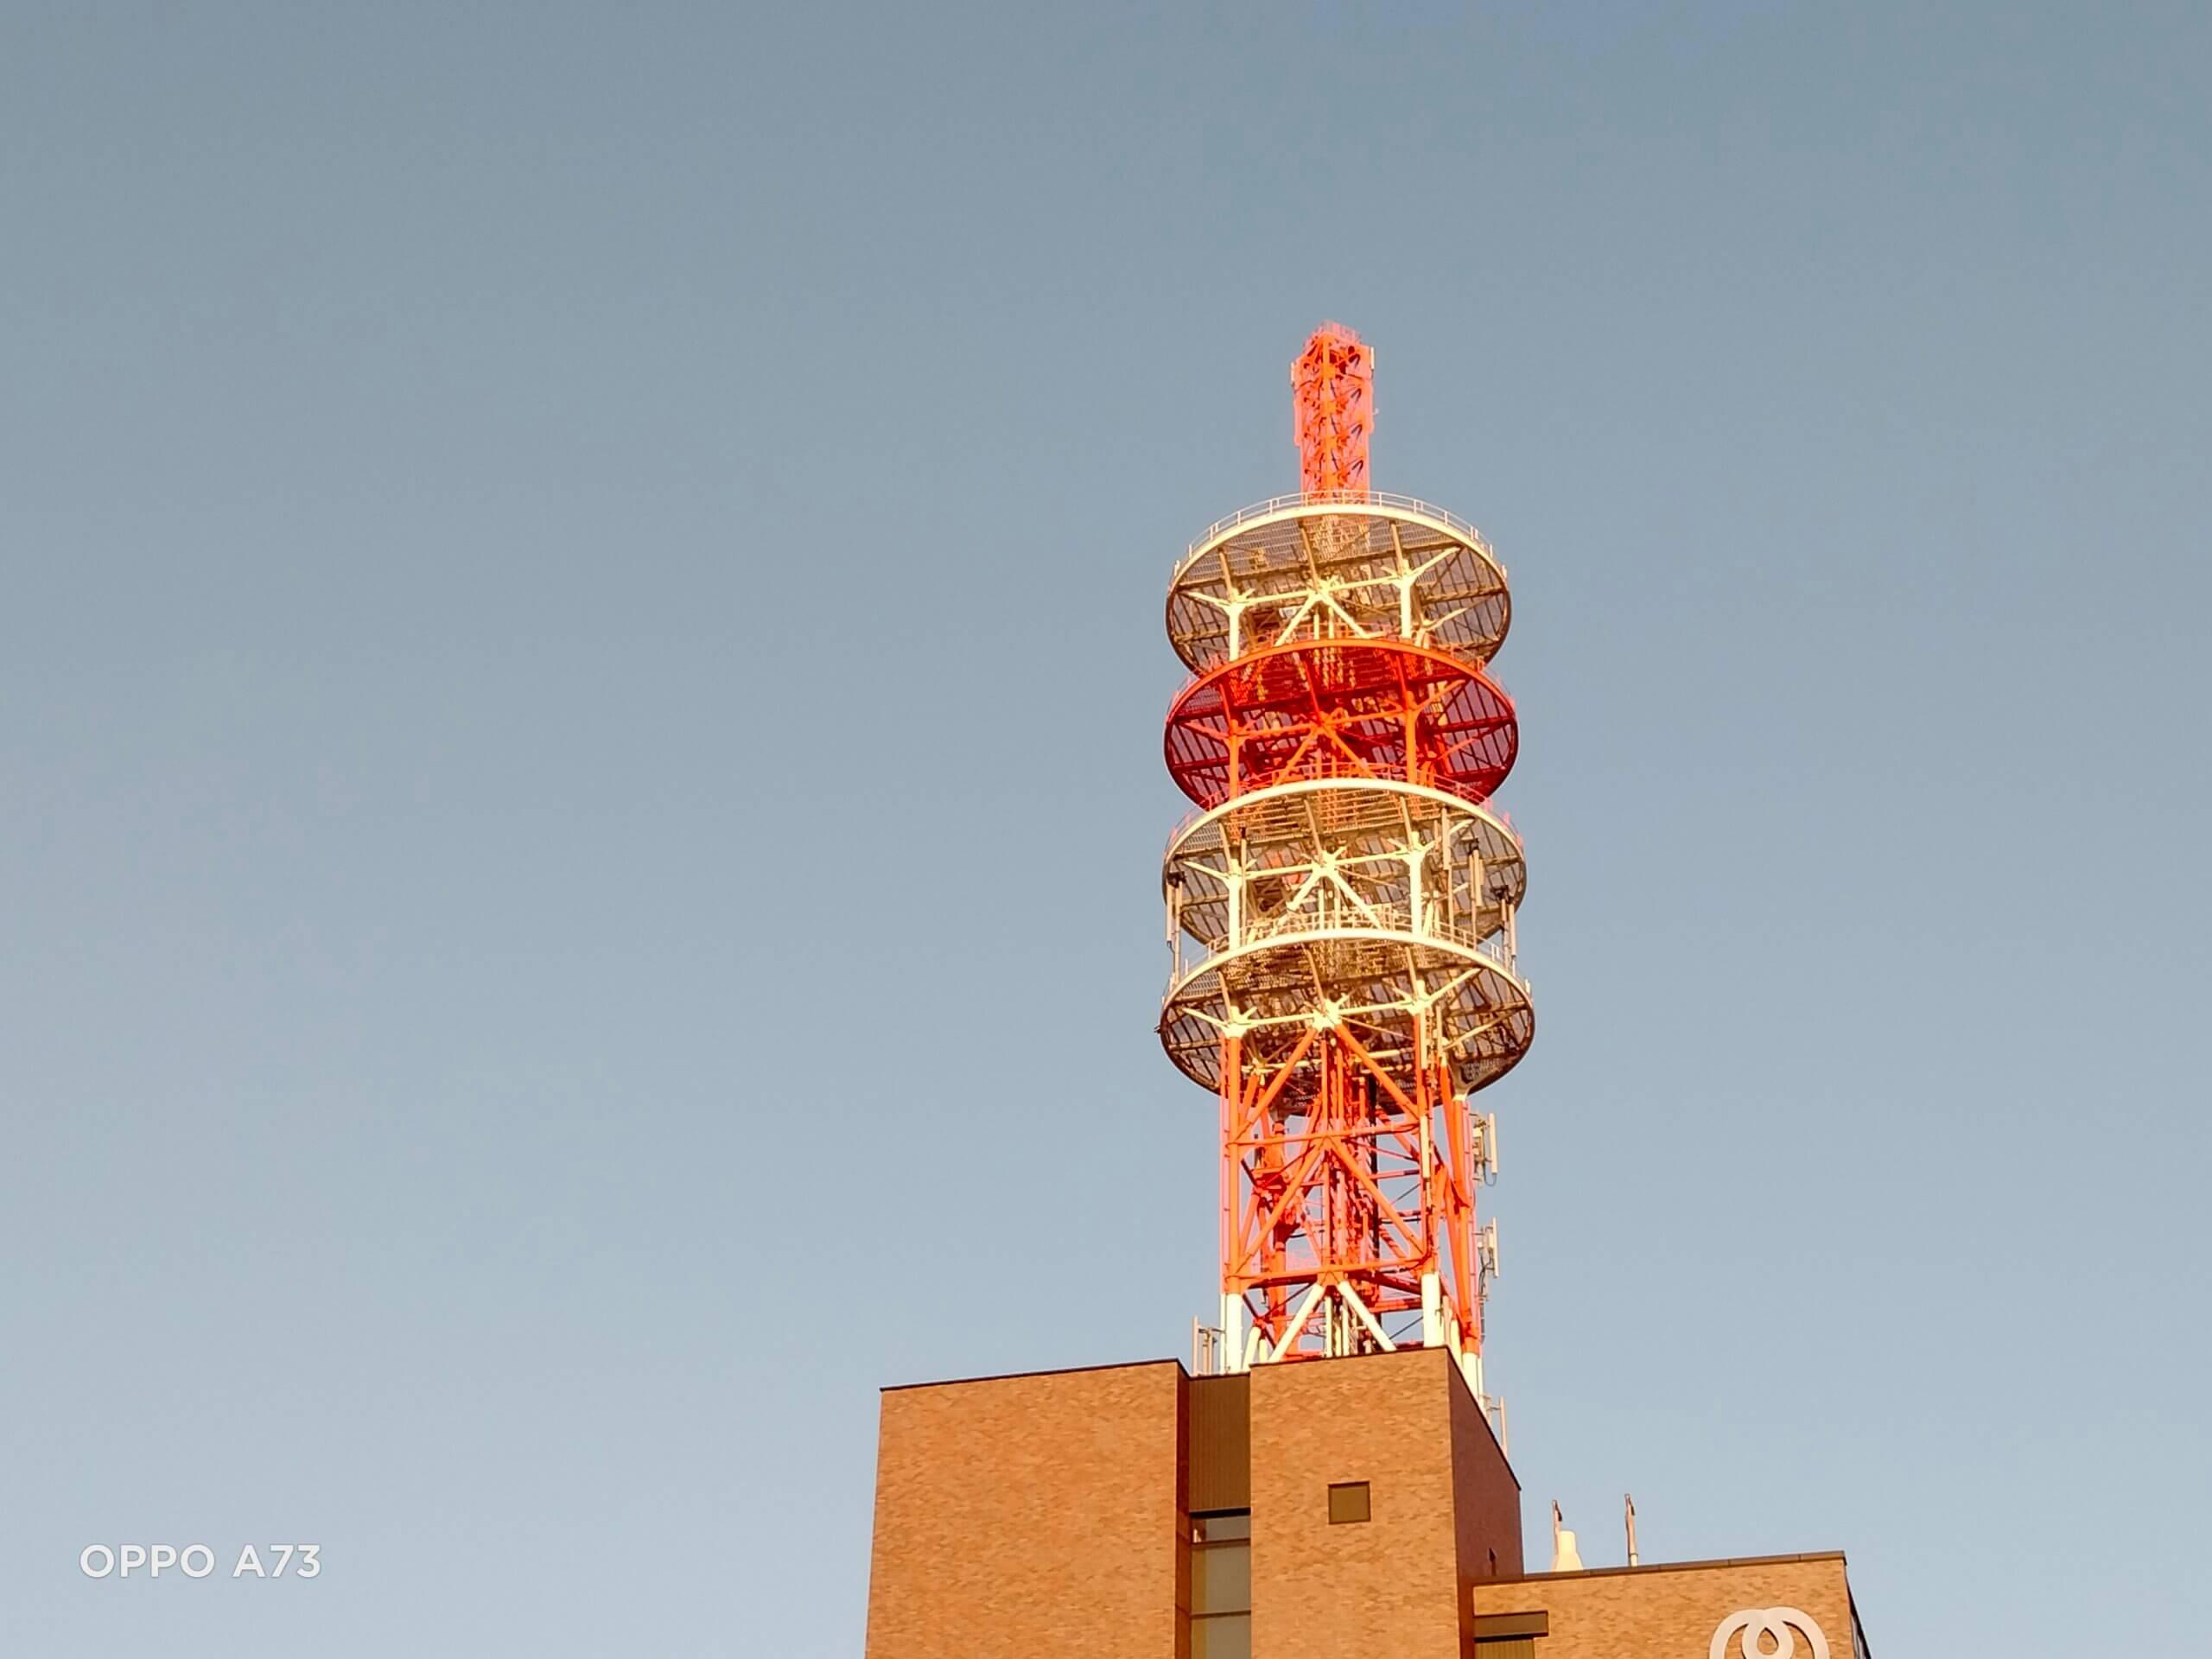 OPPO A73のデジタルズーム2倍で撮影した電波塔の画像